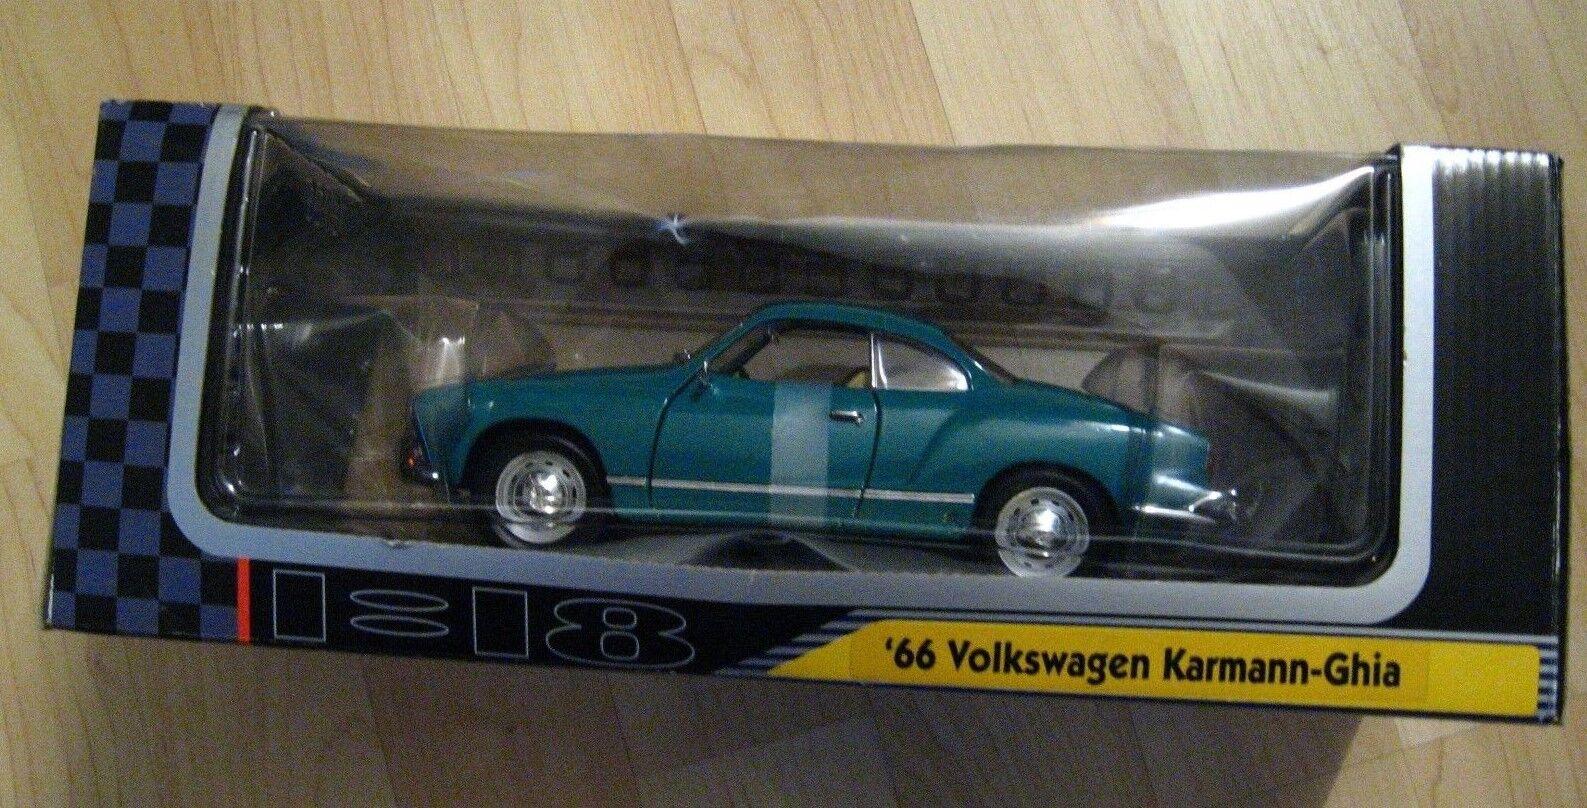 alla moda Karuomon Ghia 1966 VOLKSWAGEN modellololo modellololo modellololo Yat Ming Auto - 1998 Yatming 1 18 SCALA scatola  solo per te